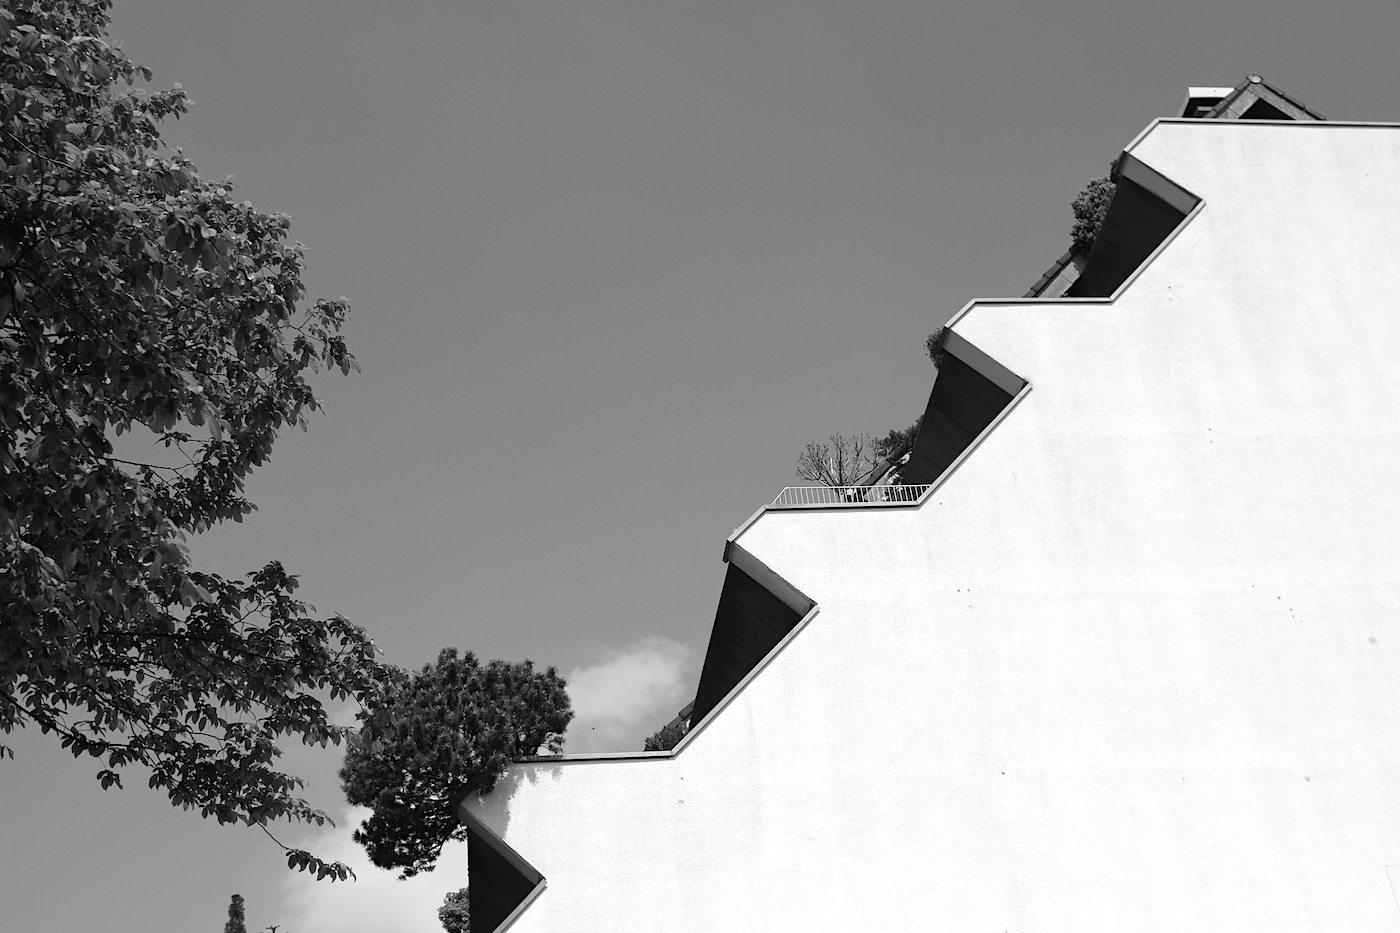 Wohnhügel. Der erste gebaute Wohnhügel der BRD war eine ungewöhnliche und mutige Weiterentwicklung einer Wohnform. Symbolisch für Marls Architektur-Utopien.